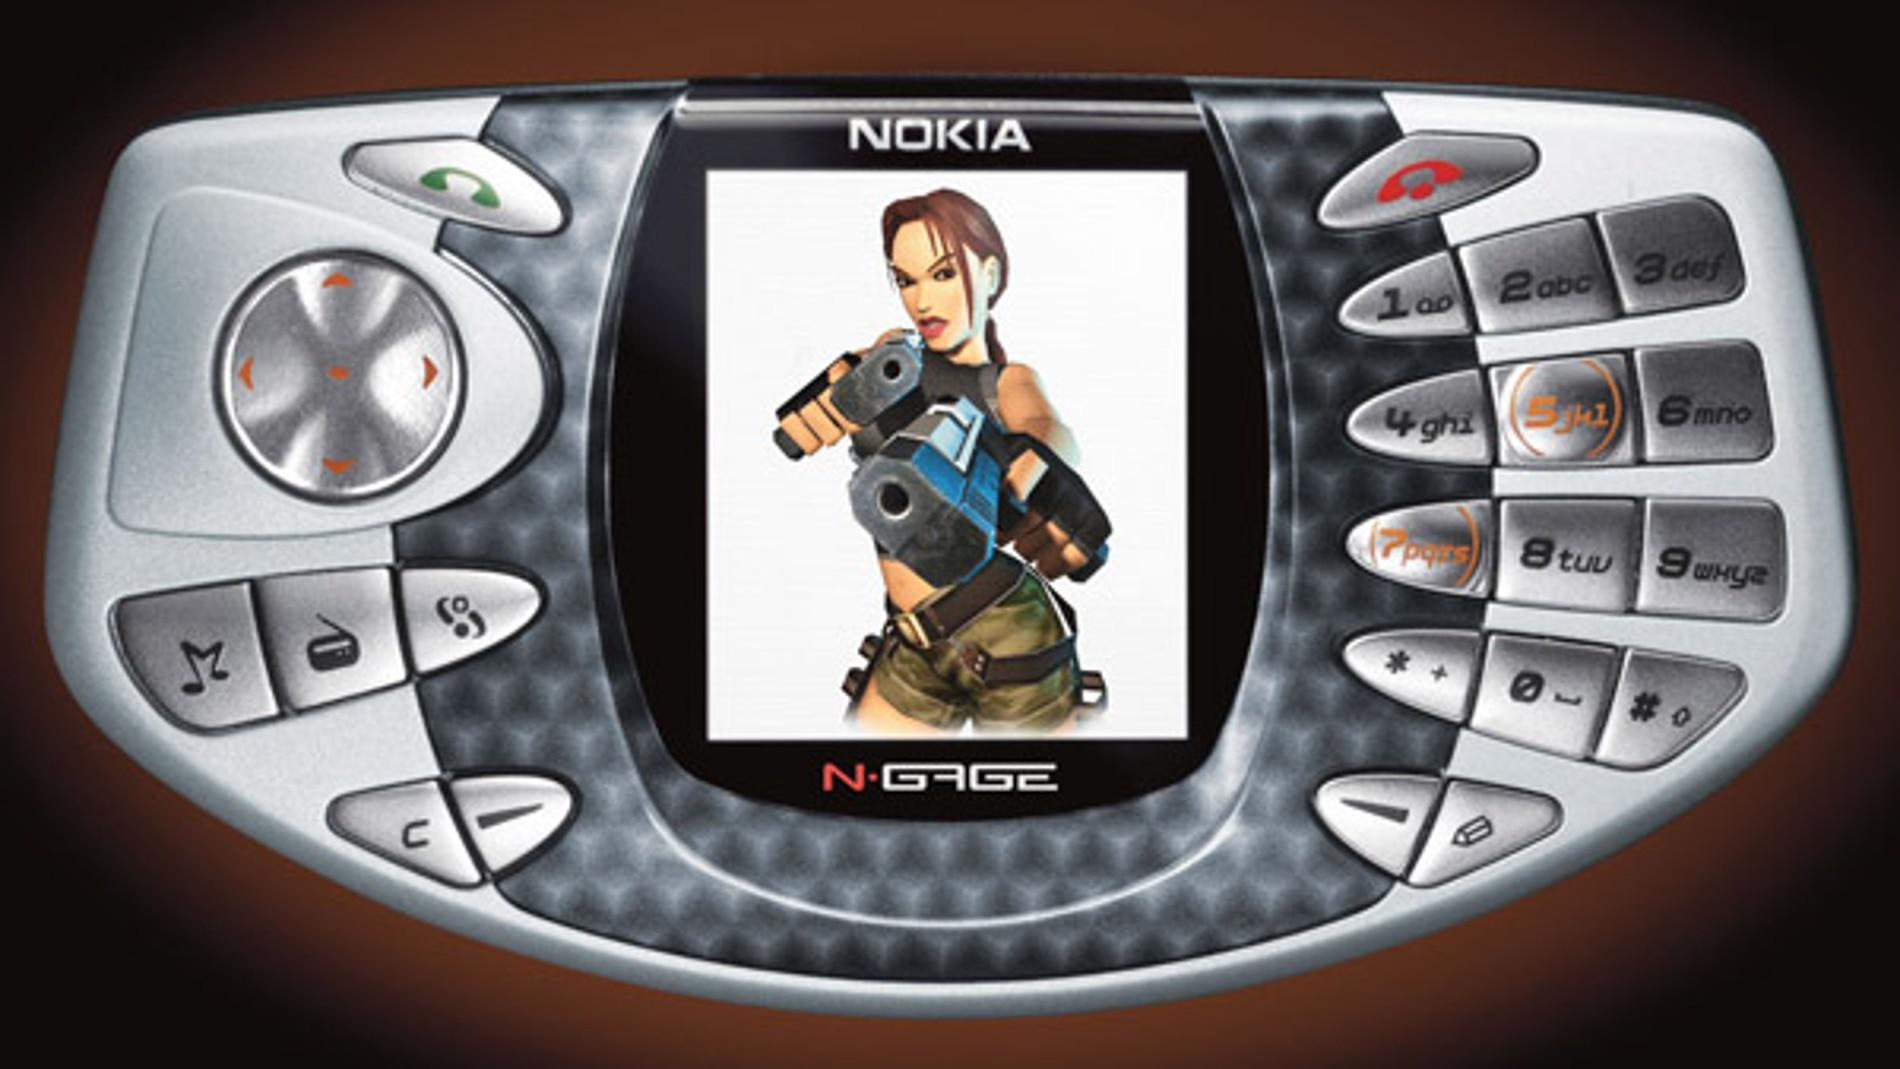 Un híbrido entre consola y teléfono que fue un fiasco comercial